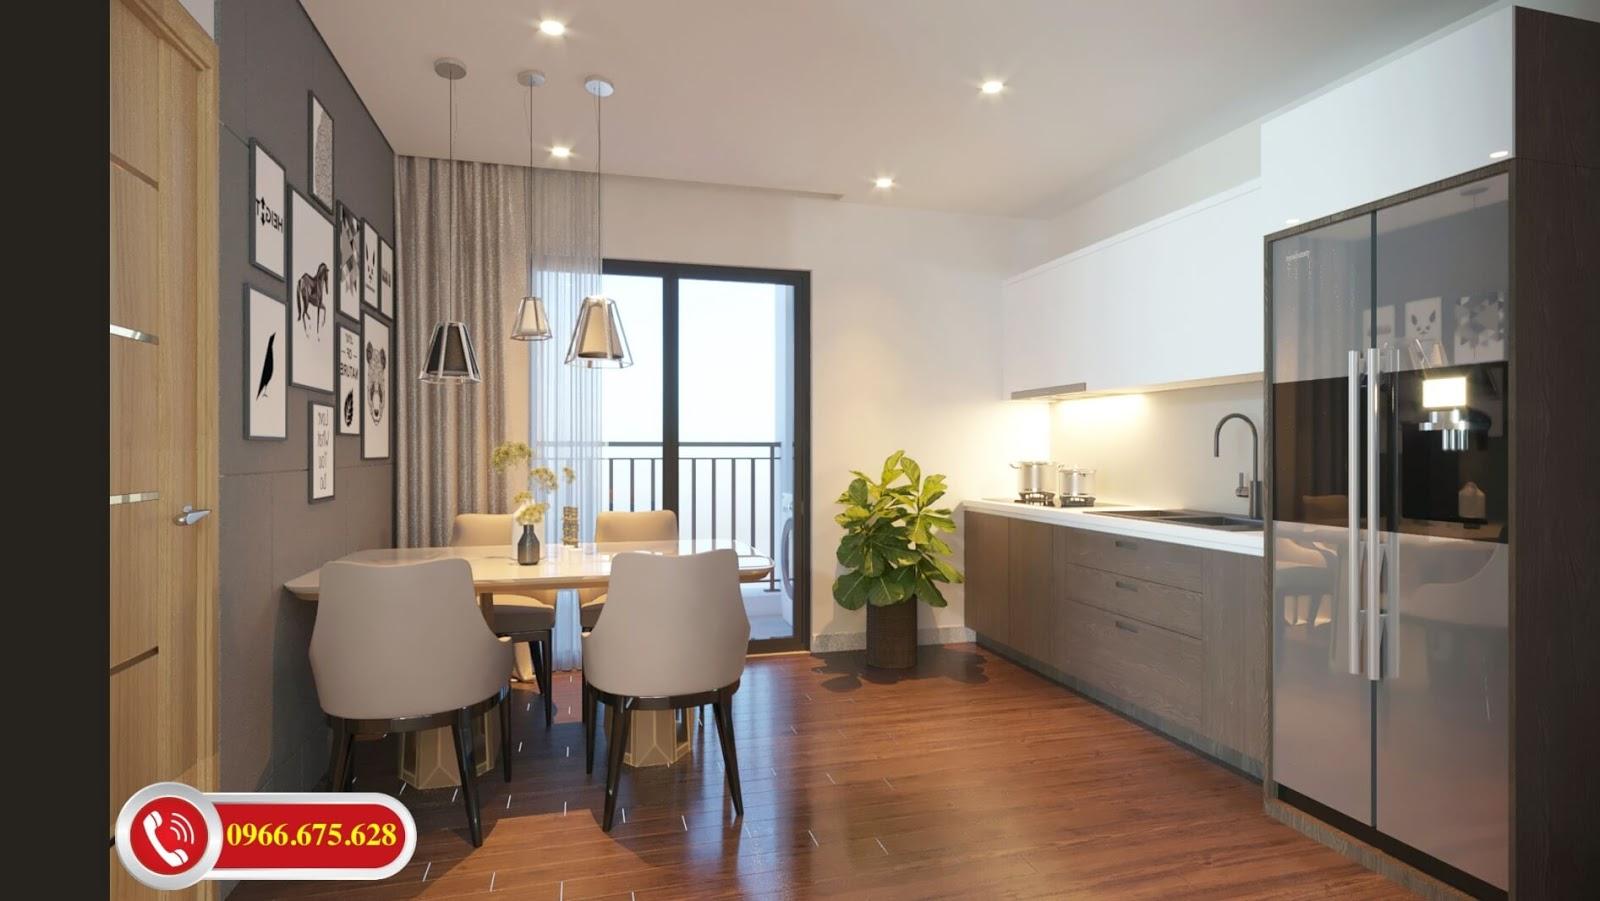 Phòng ăn căn hộ 3 ngủ chung cư 622 Minh Khai